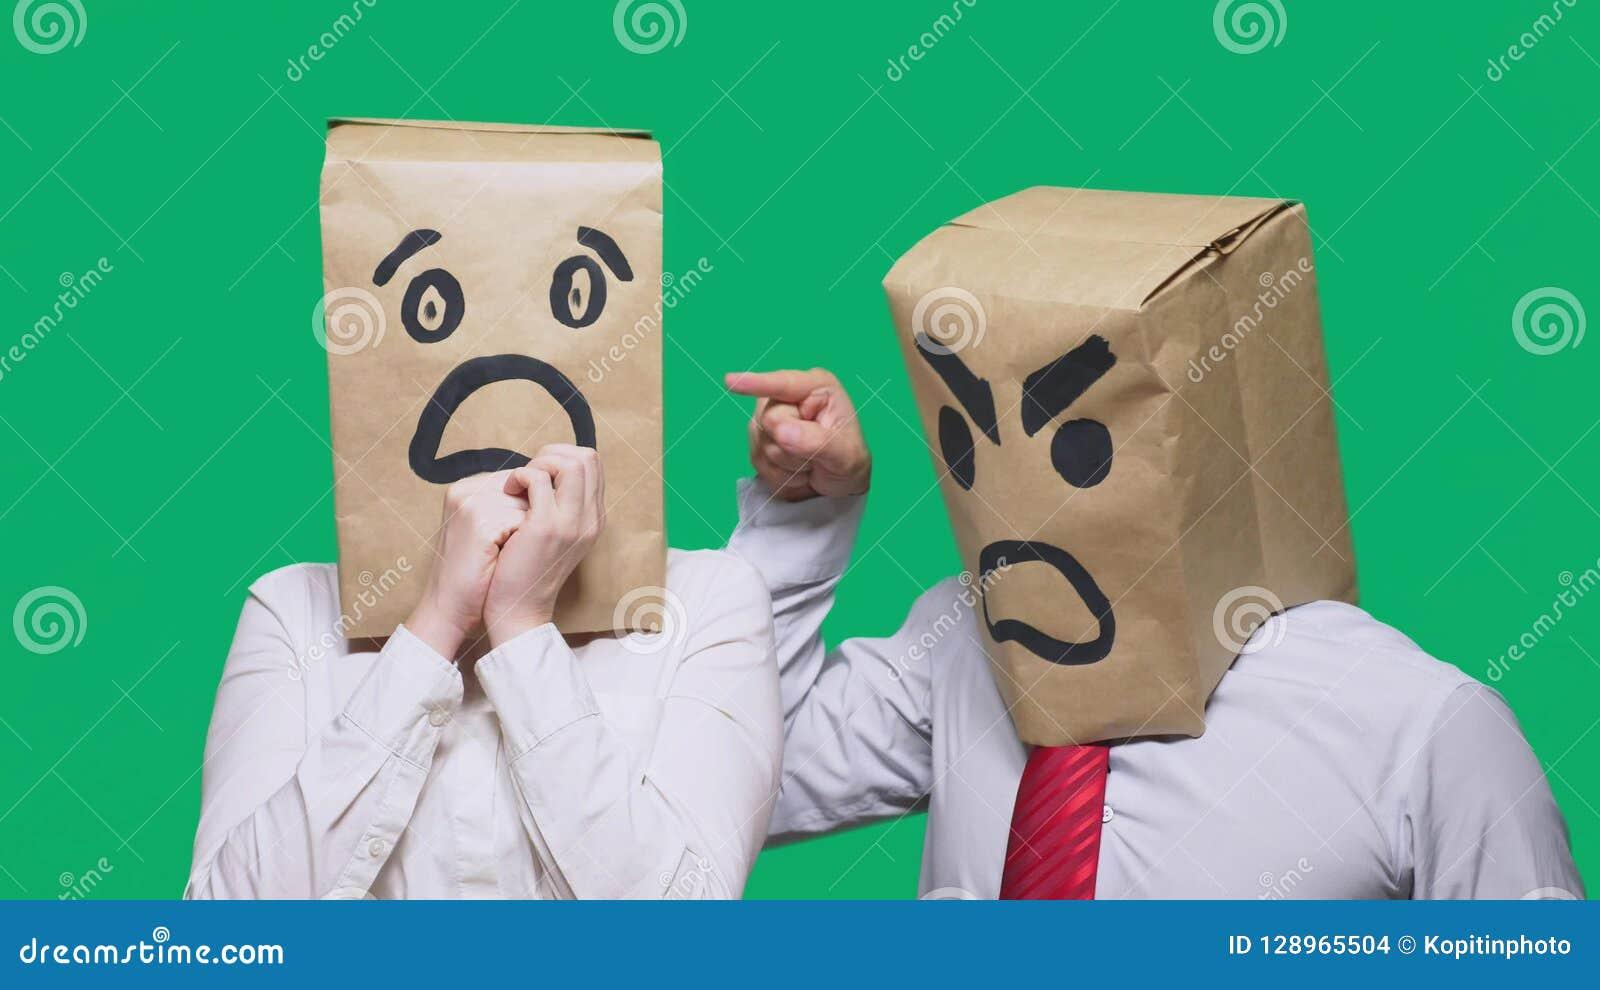 Il concetto delle emozioni e dei gesti Due persone in sacchi di carta con i sorrisi Lo smiley aggressivo giura